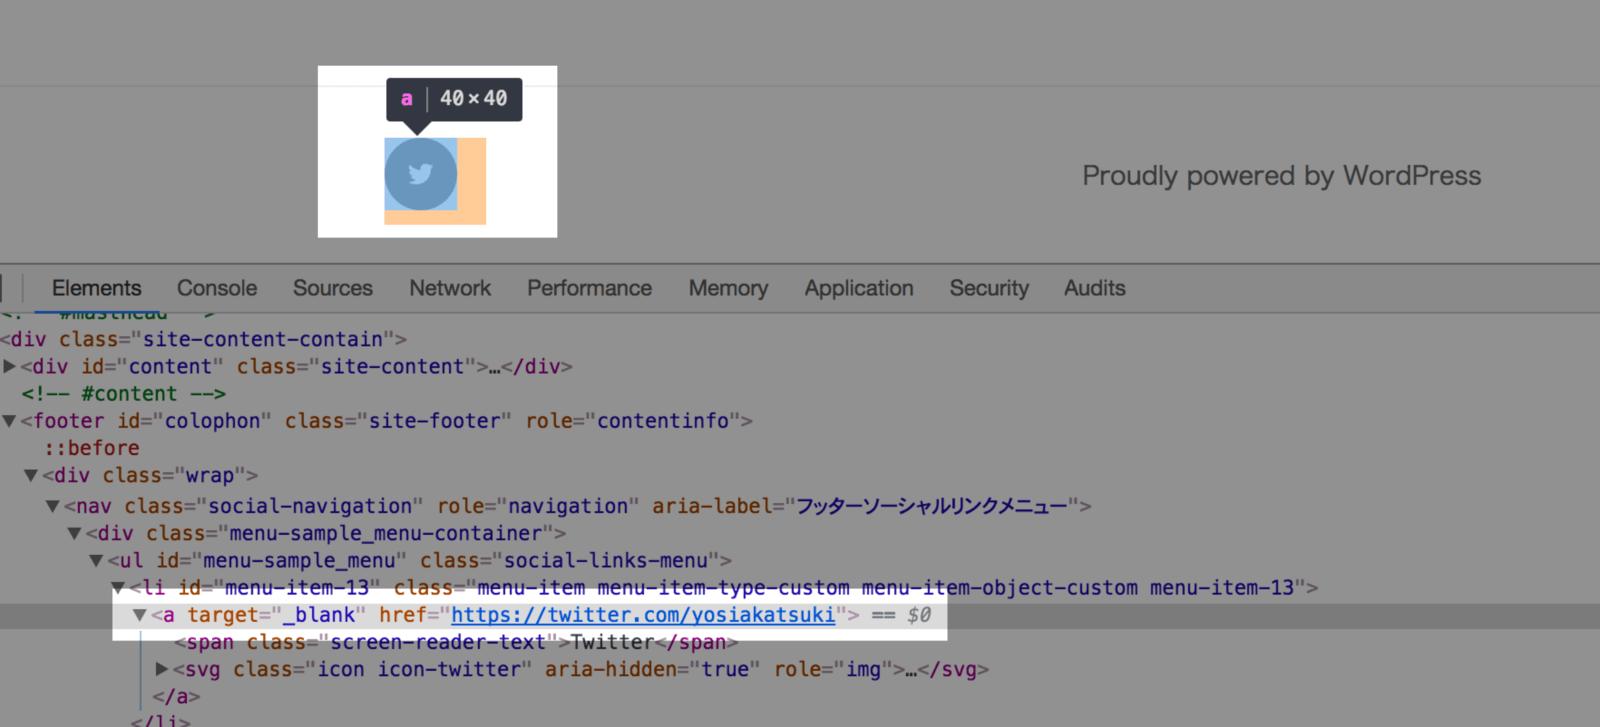 リンク先に_blank指定が追加されて別のタブで開くようになった